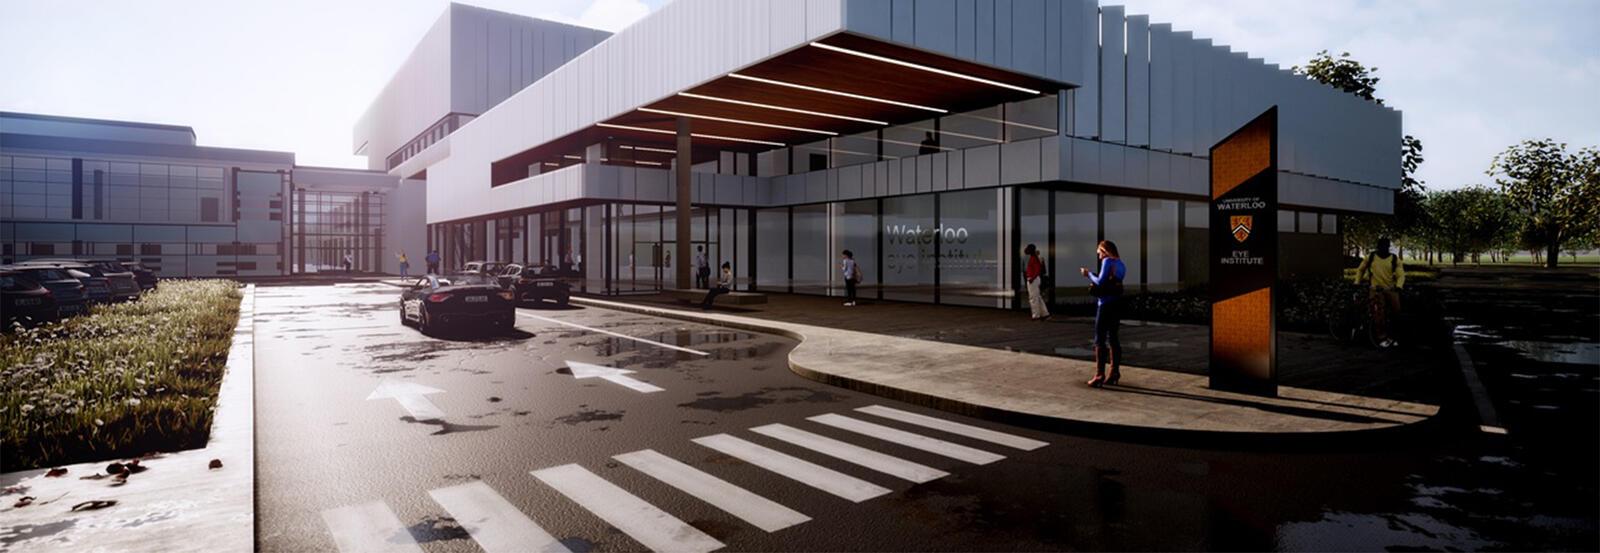 Waterloo Eye Institute